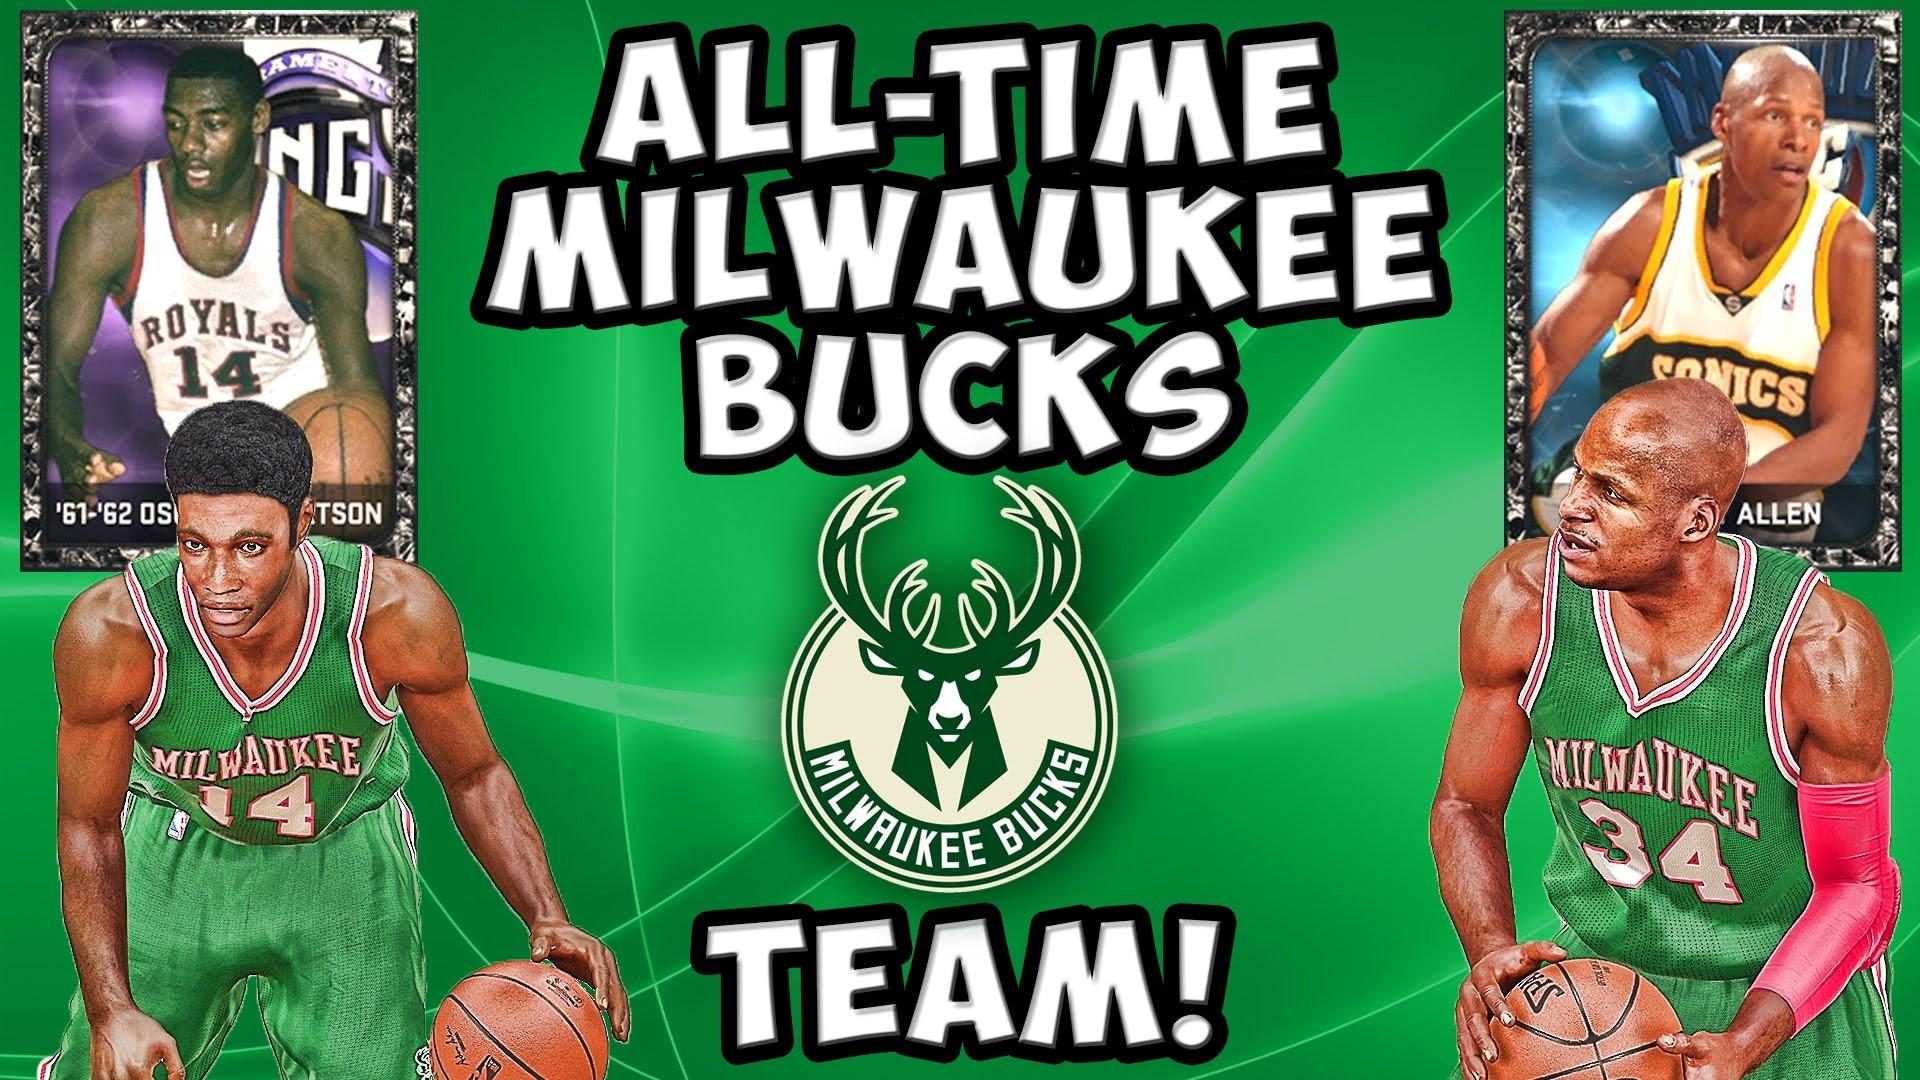 All-Time Milwaukee Bucks Team! NBA 2K15 MyTeam – Onyx Oscar Robertson & Ray  Allen – YouTube